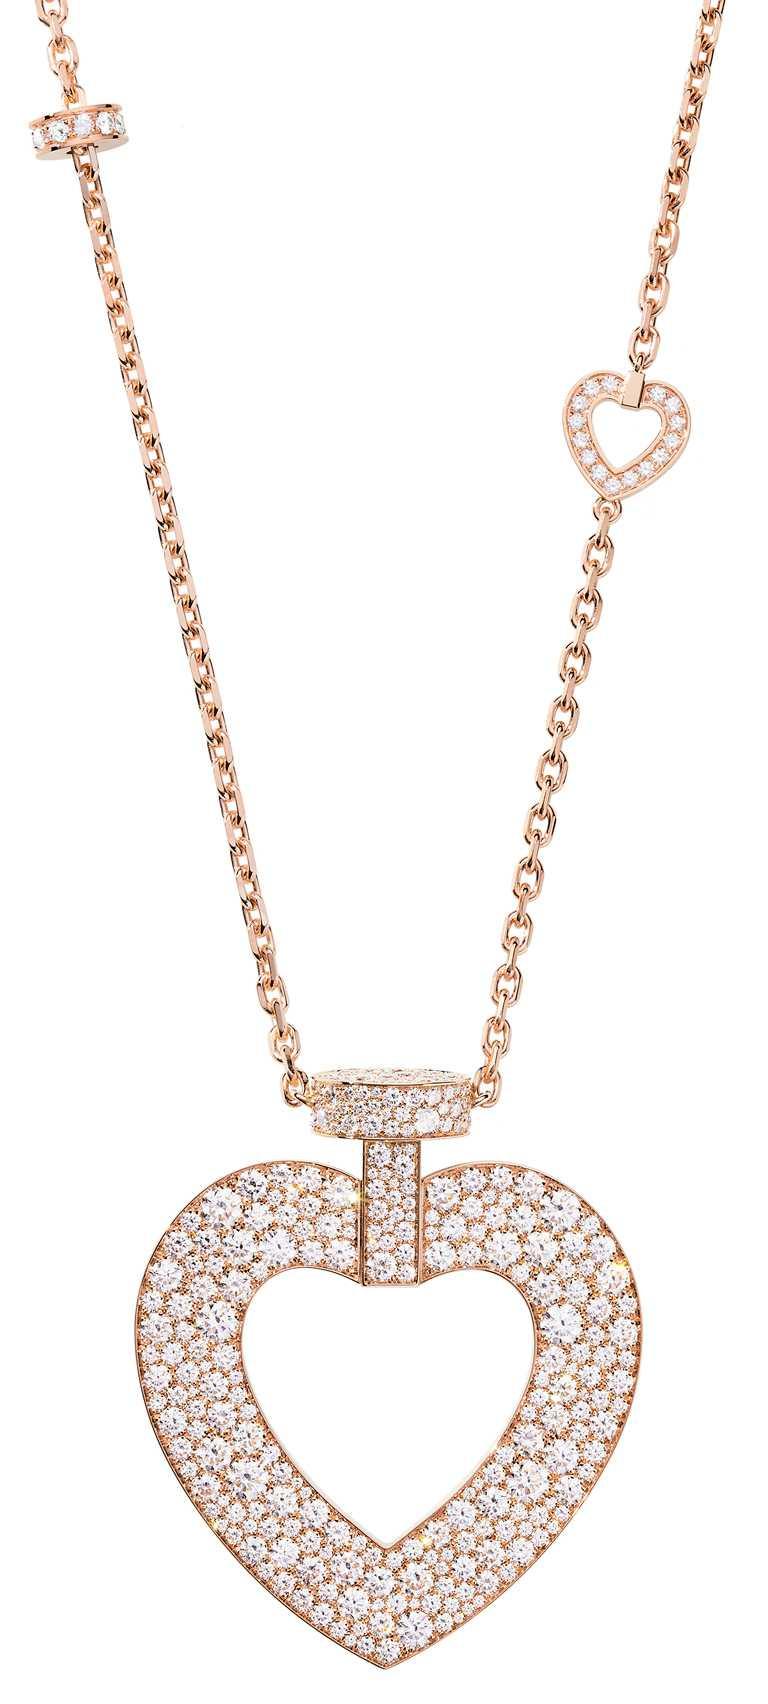 FRED「Pretty Woman」系列,玫瑰金鑽石超大號款長項鍊╱1,302,100元。(圖╱FRED提供)